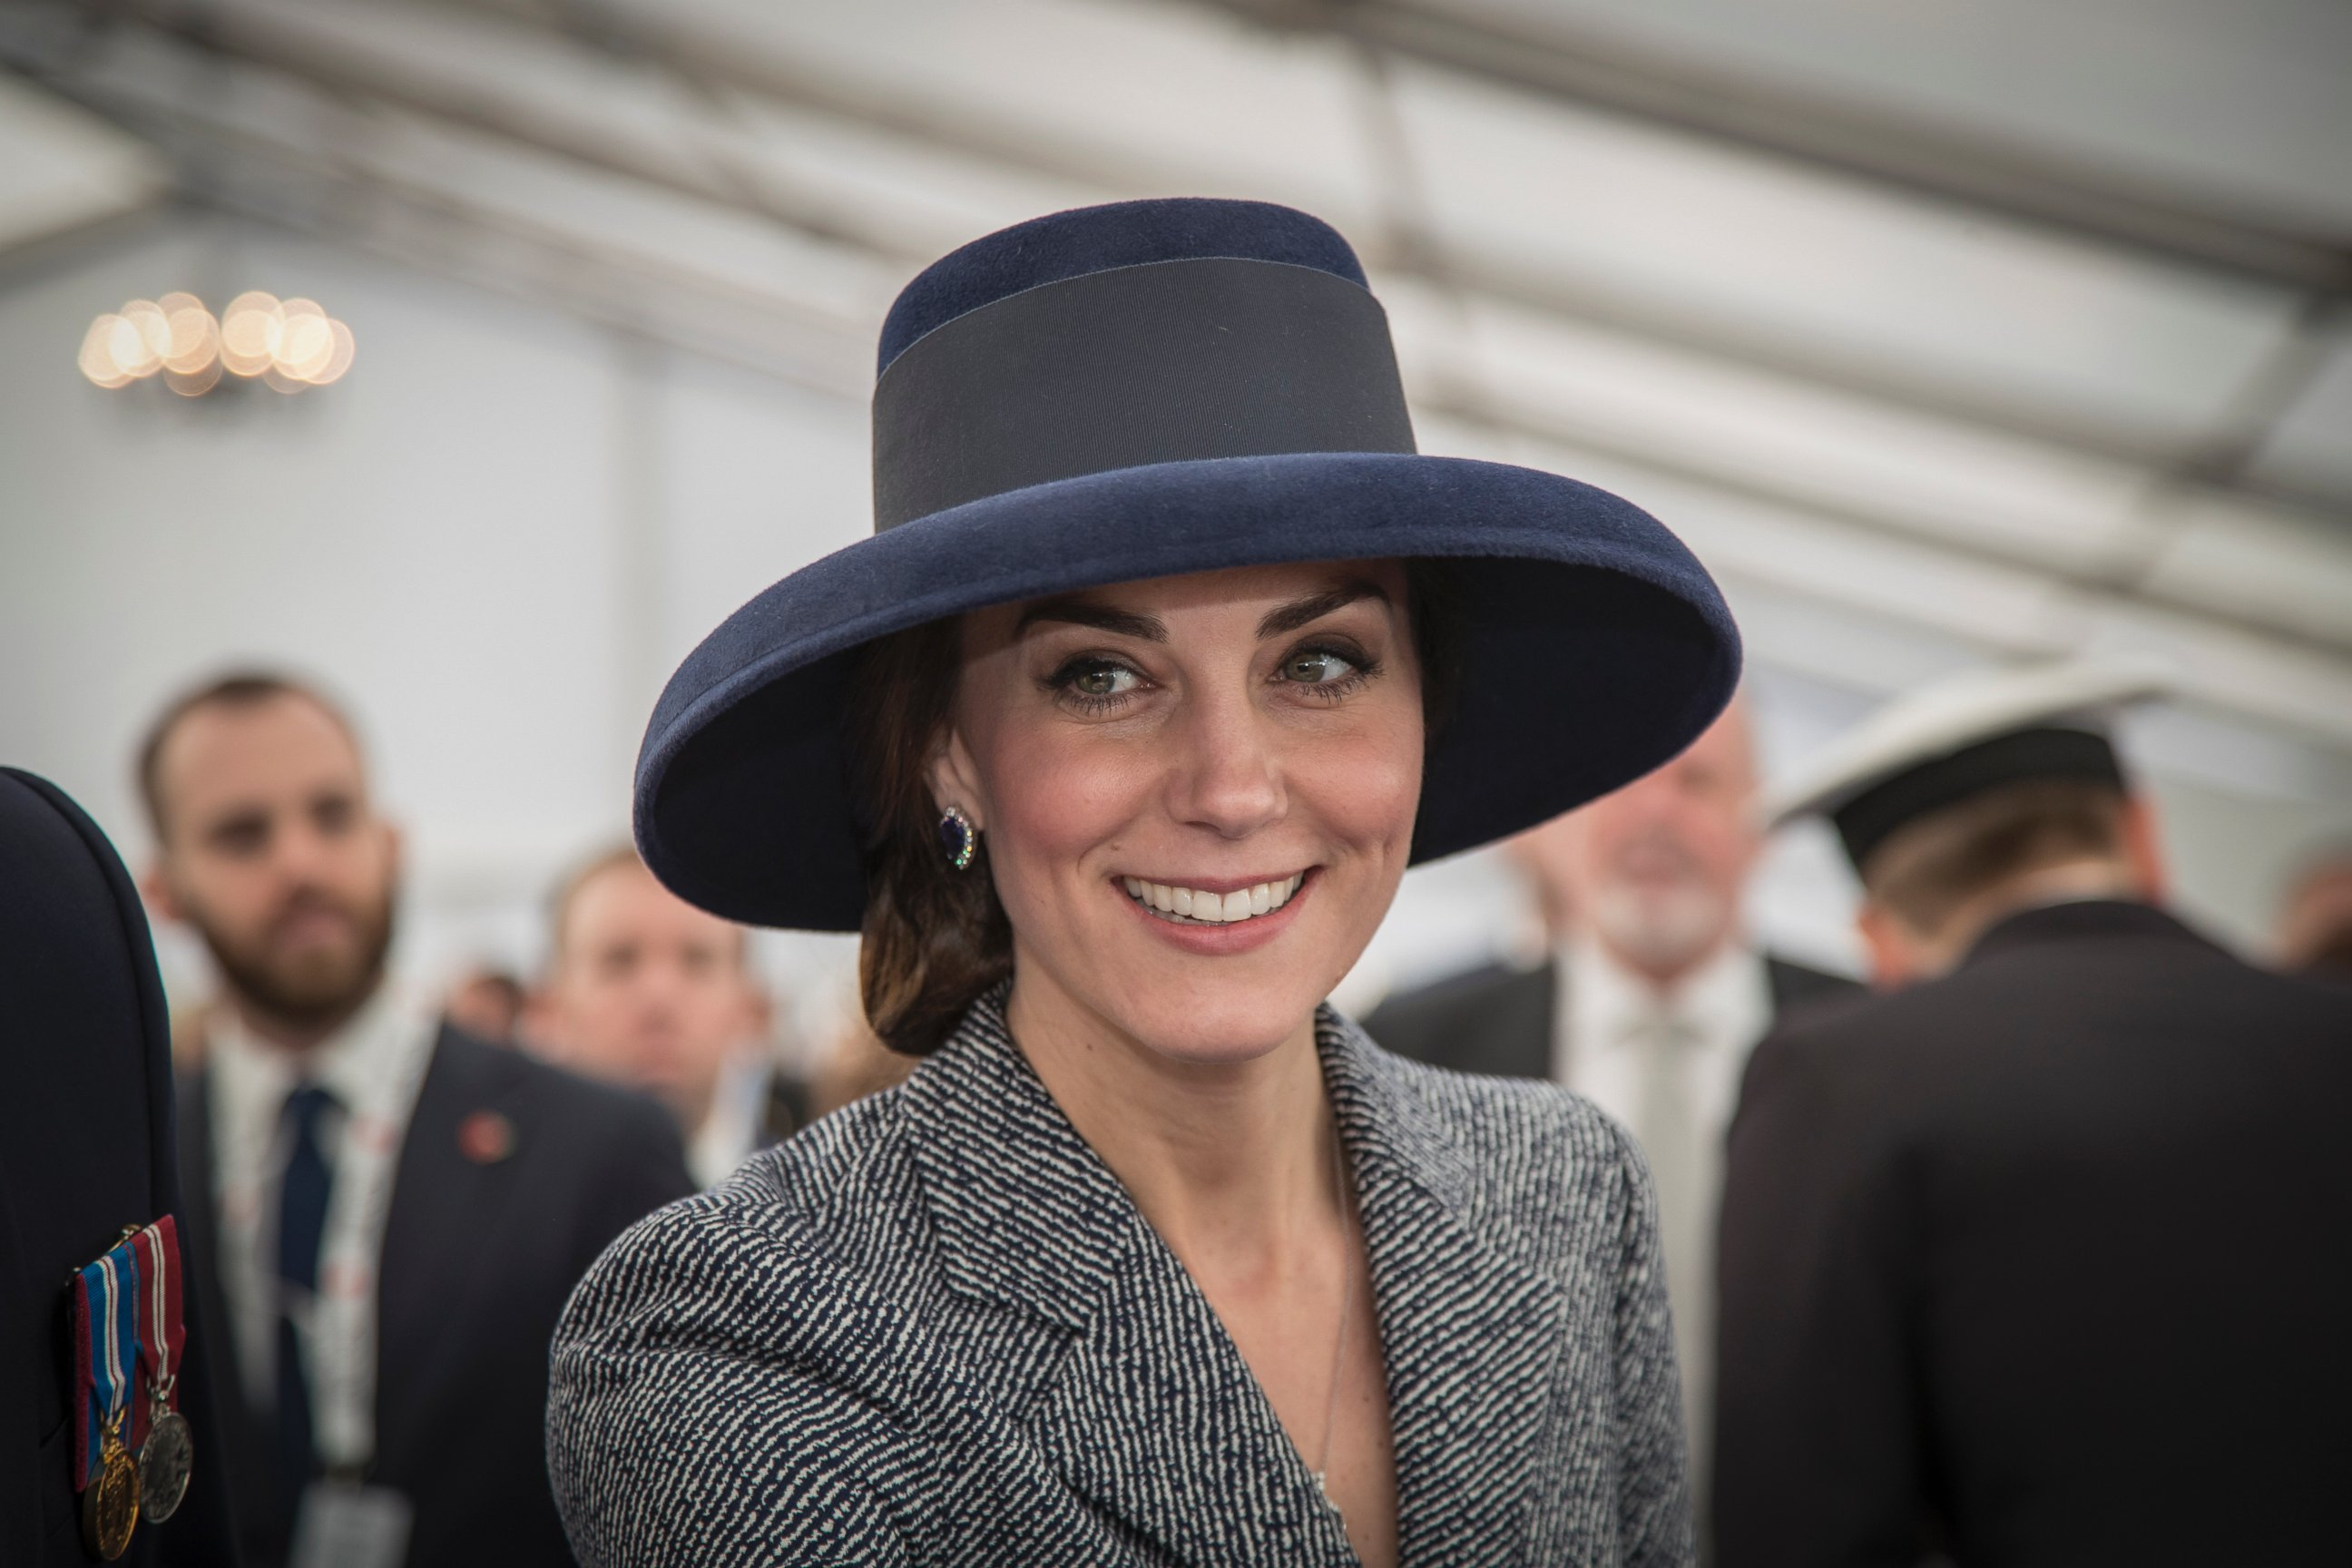 Znalezione obrazy dla zapytania duchess kate iraq hat